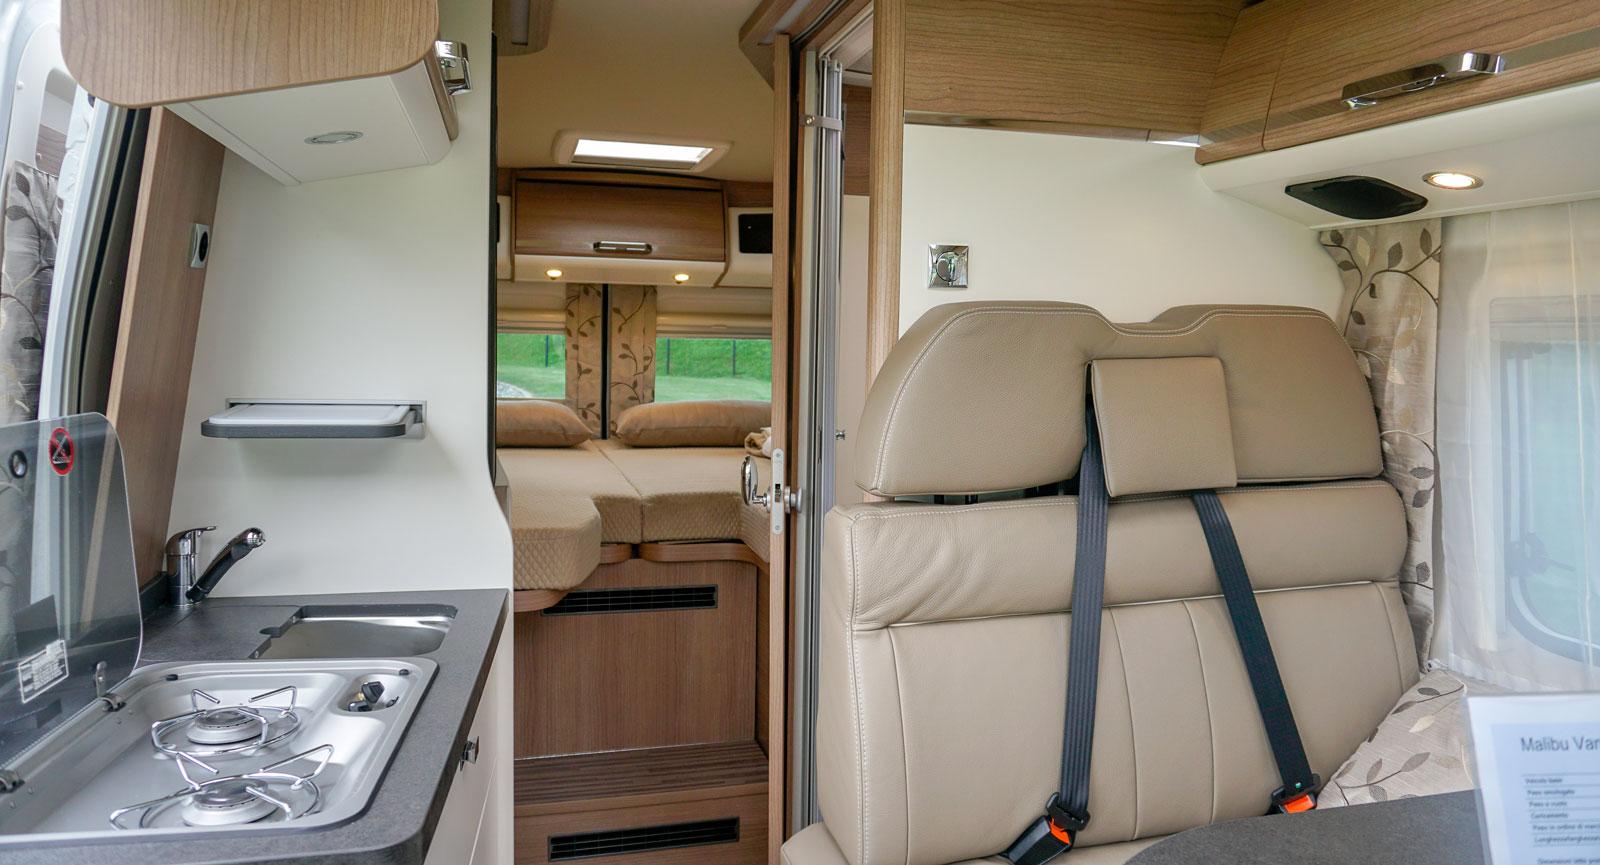 Premiumkänsla i köksbänk och möbler. Skjutdörr till badrummet sparar utrymme.